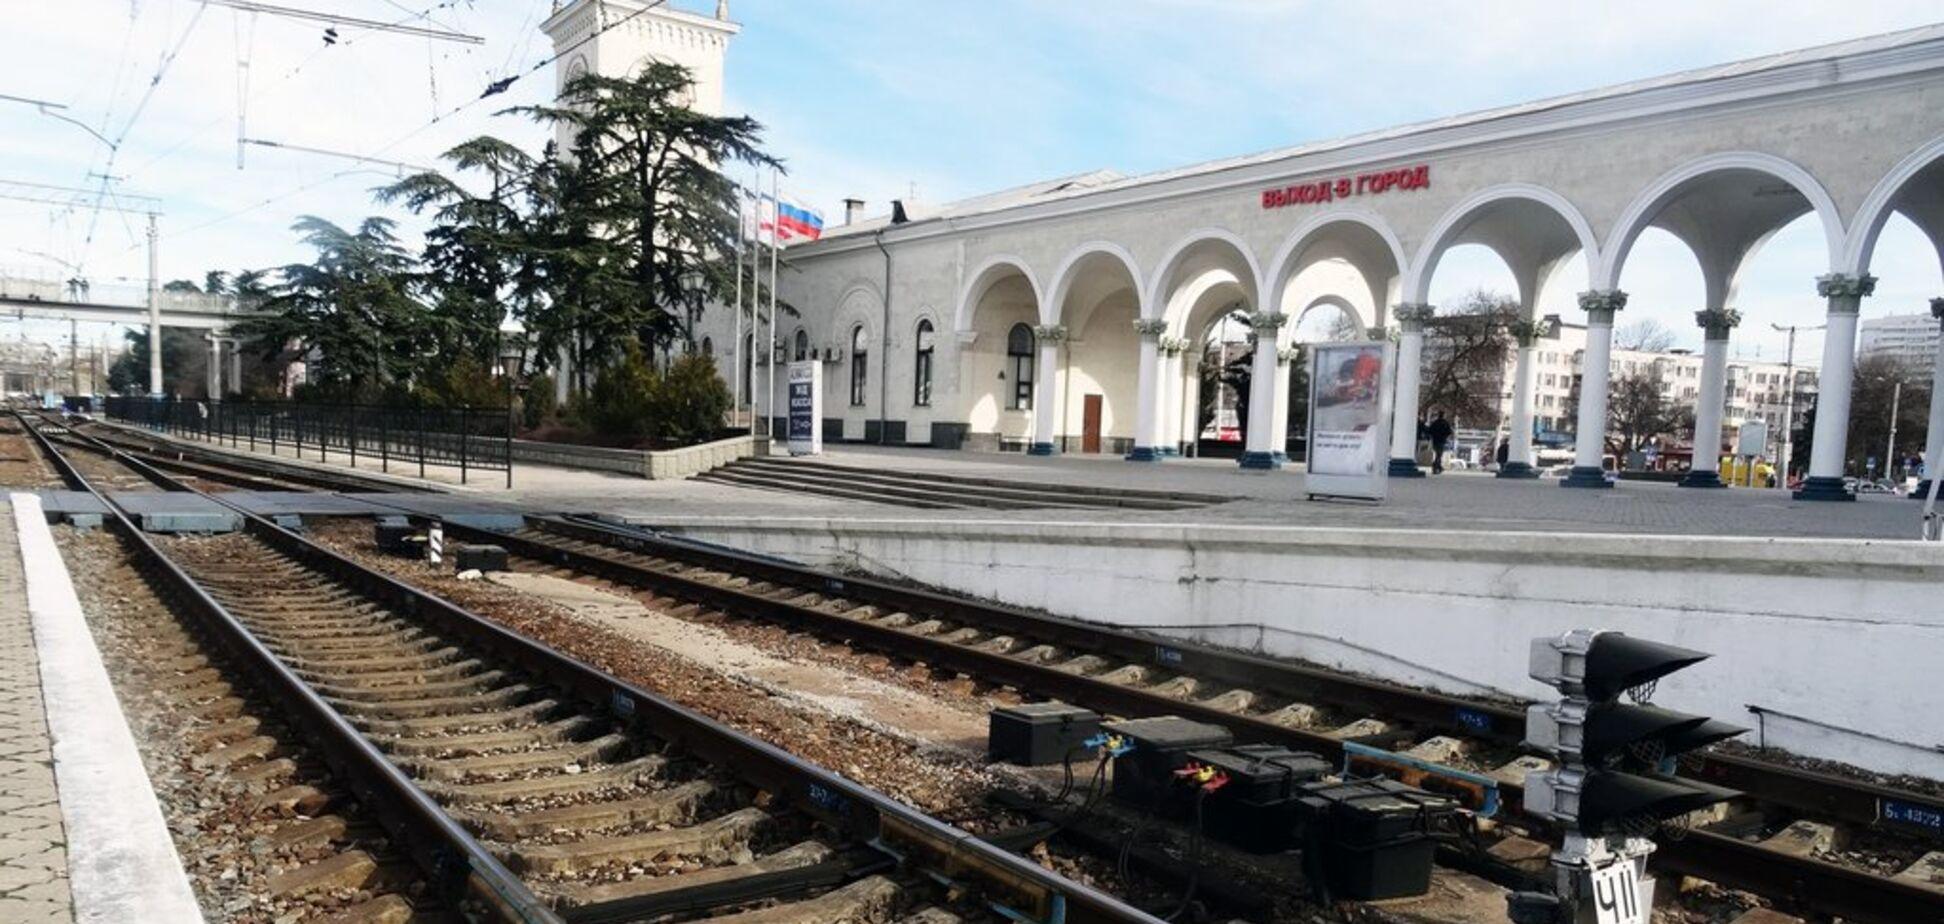 У Симферополя заметили военную колонну оккупантов: опубликовано фото